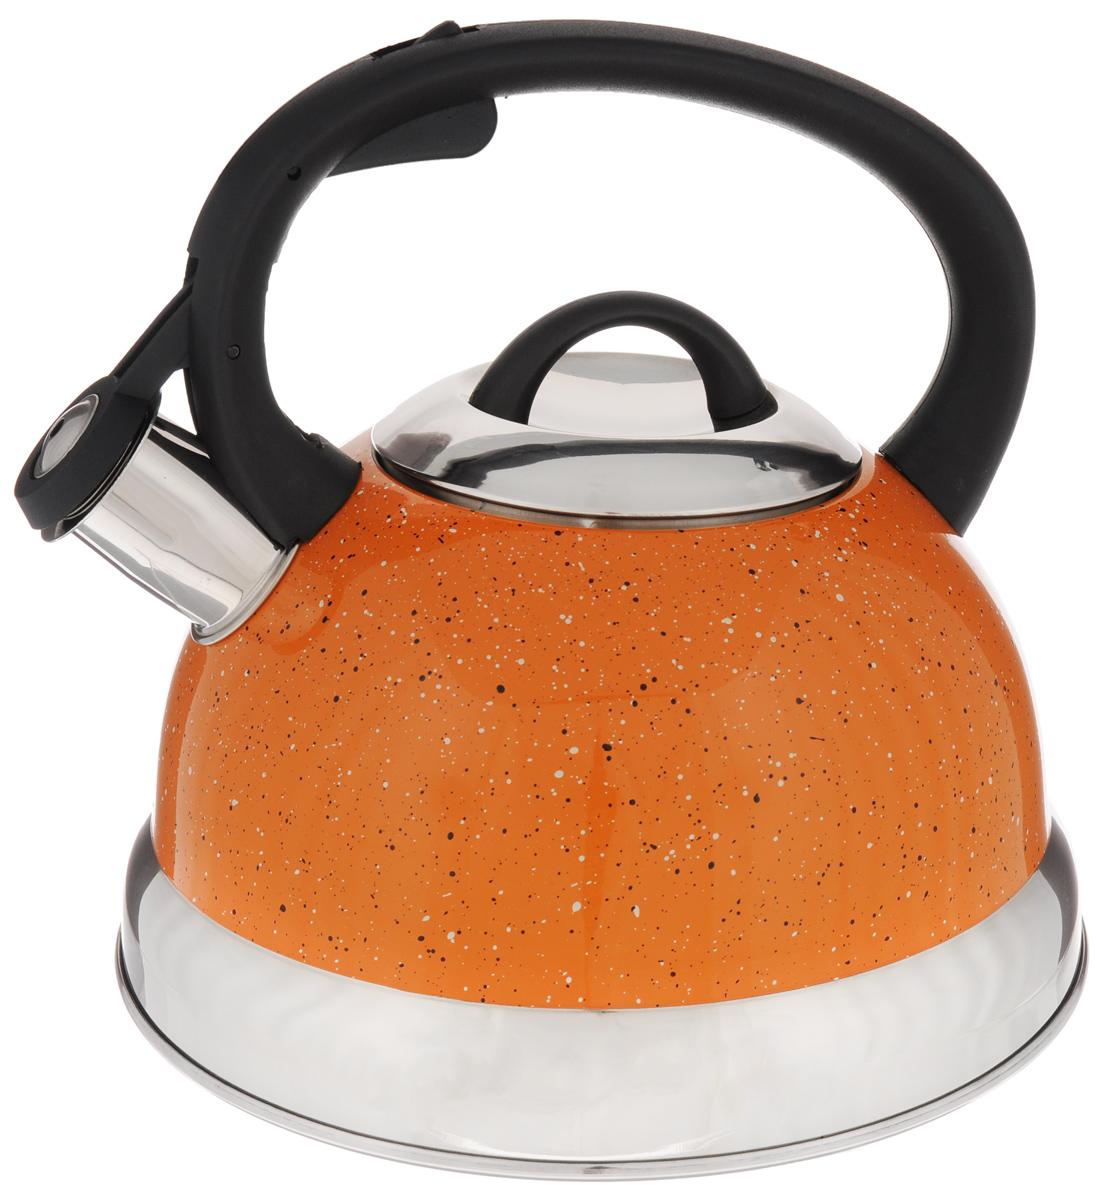 Чайник Mayer & Boch, со свистком, цвет: оранжевый, 2,6 л. 2566225662Чайник со свистком Mayer & Boch изготовлен из высококачественной нержавеющей стали, что обеспечивает долговечность использования. Носик чайника оснащен откидным свистком, звуковой сигнал которого подскажет, когда закипит вода. Фиксированная ручка, изготовленная из пластика, снабжена клавишей для открывания носика, что делает использование чайника очень удобным и безопасным. Чайник Mayer & Boch - качественное исполнение и стильное решение для вашей кухни. Подходит для всех типов плит, включая индукционные. Можно мыть в посудомоечной машине. Высота чайника (с учетом ручки): 20,5 см. Диаметр чайника (по верхнему краю): 10 см. Диаметр основания: 21 см.